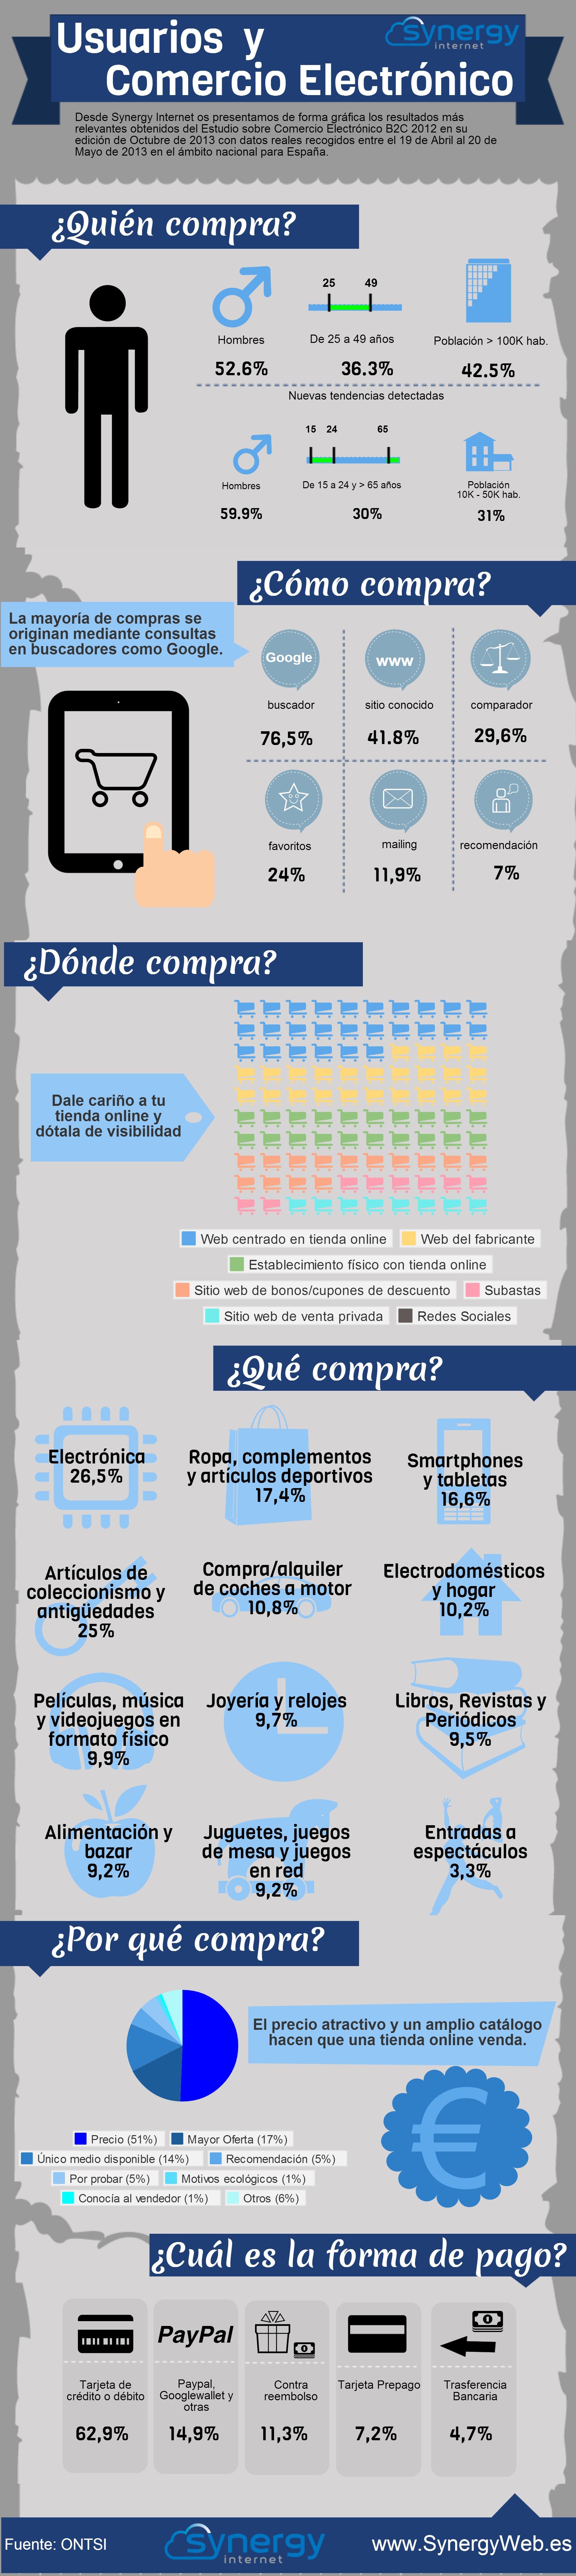 Infografía dle Comercio Electrónico en España hasta mayo 2013